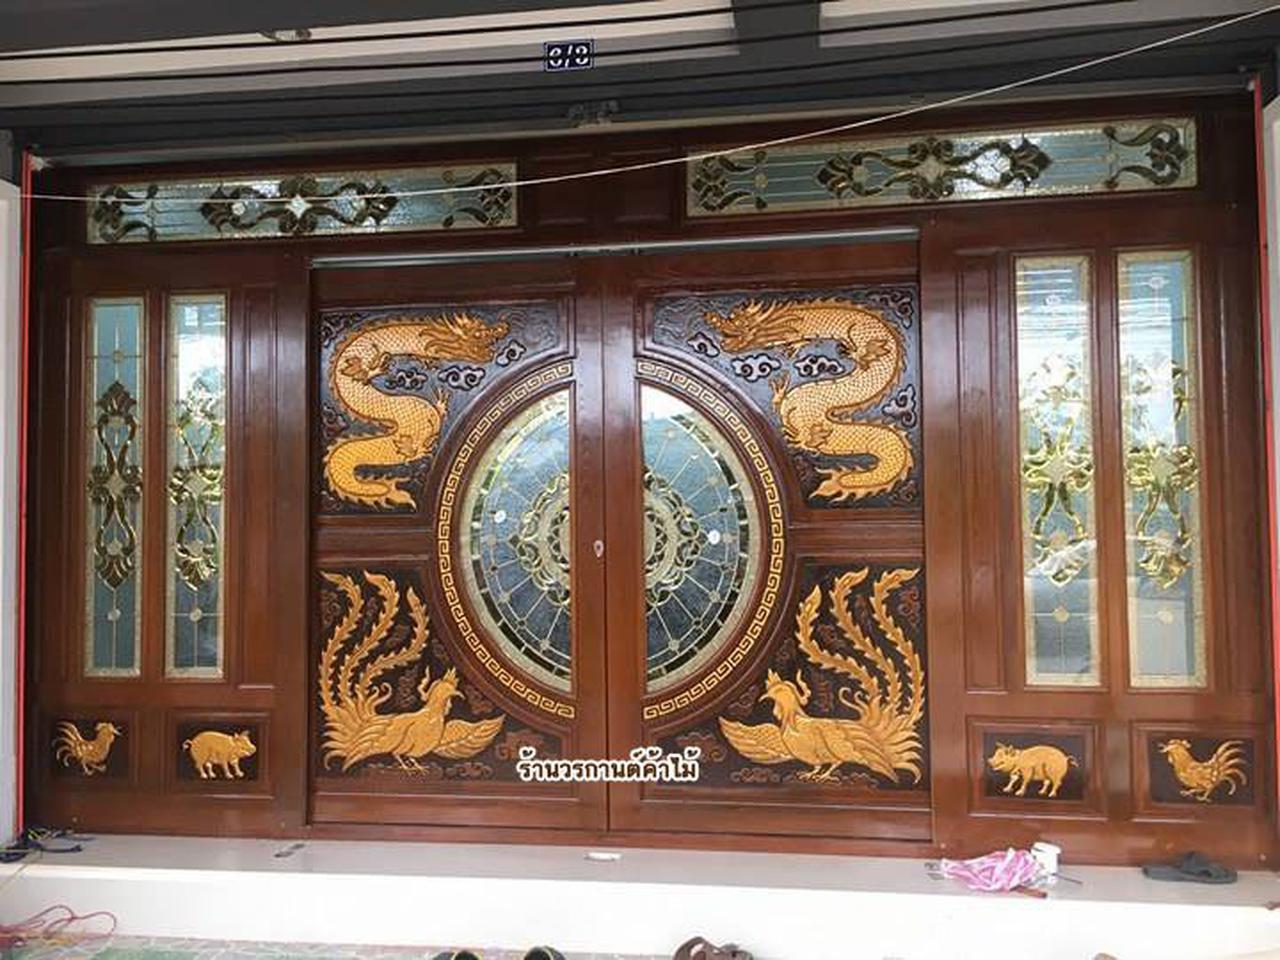 ร้านวรกานต์ค้าไม้ จำหน่าย ประตูไม้สักบานคู่กระจกนิรภัย ประตูไม้สักบานคู่ ประตูไม้สักบานเดี่ยว ทั้งปลีกและส่ง รูปที่ 2